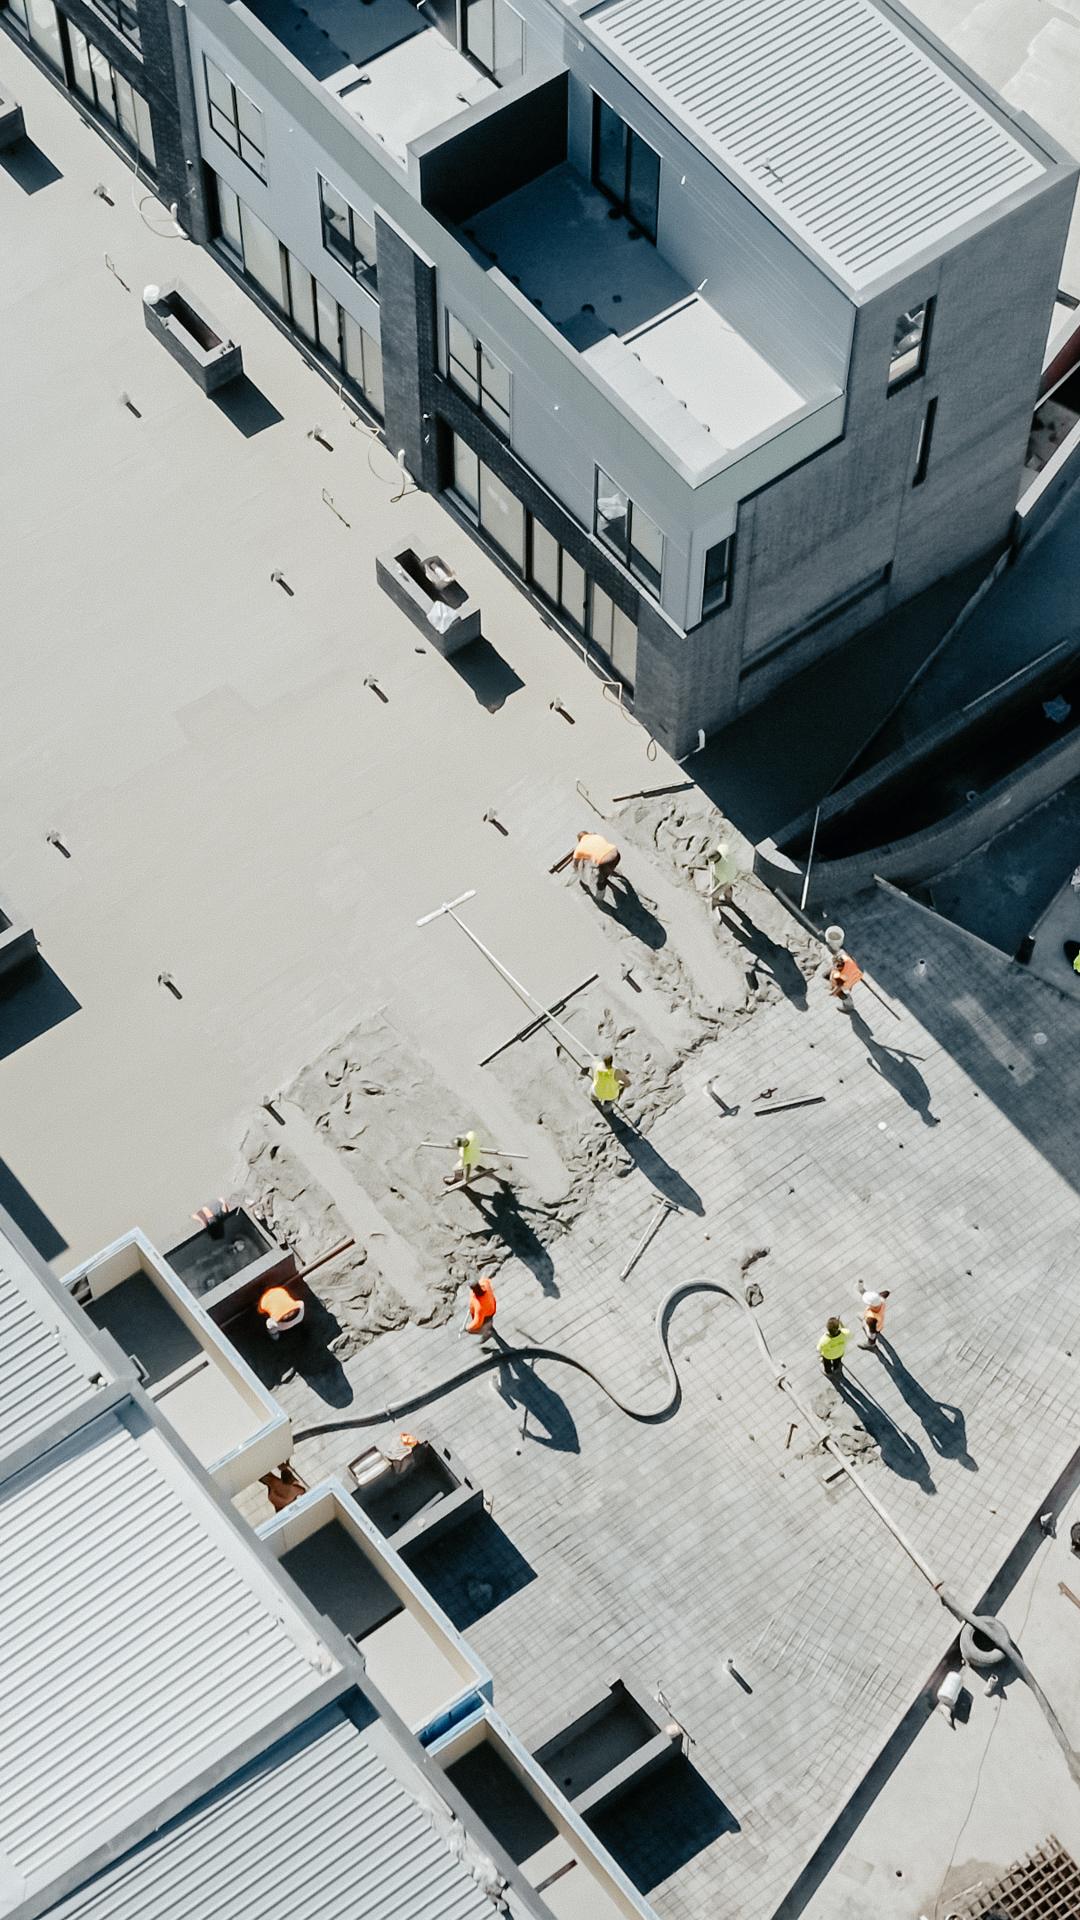 commercial concrete pavement Melbourne